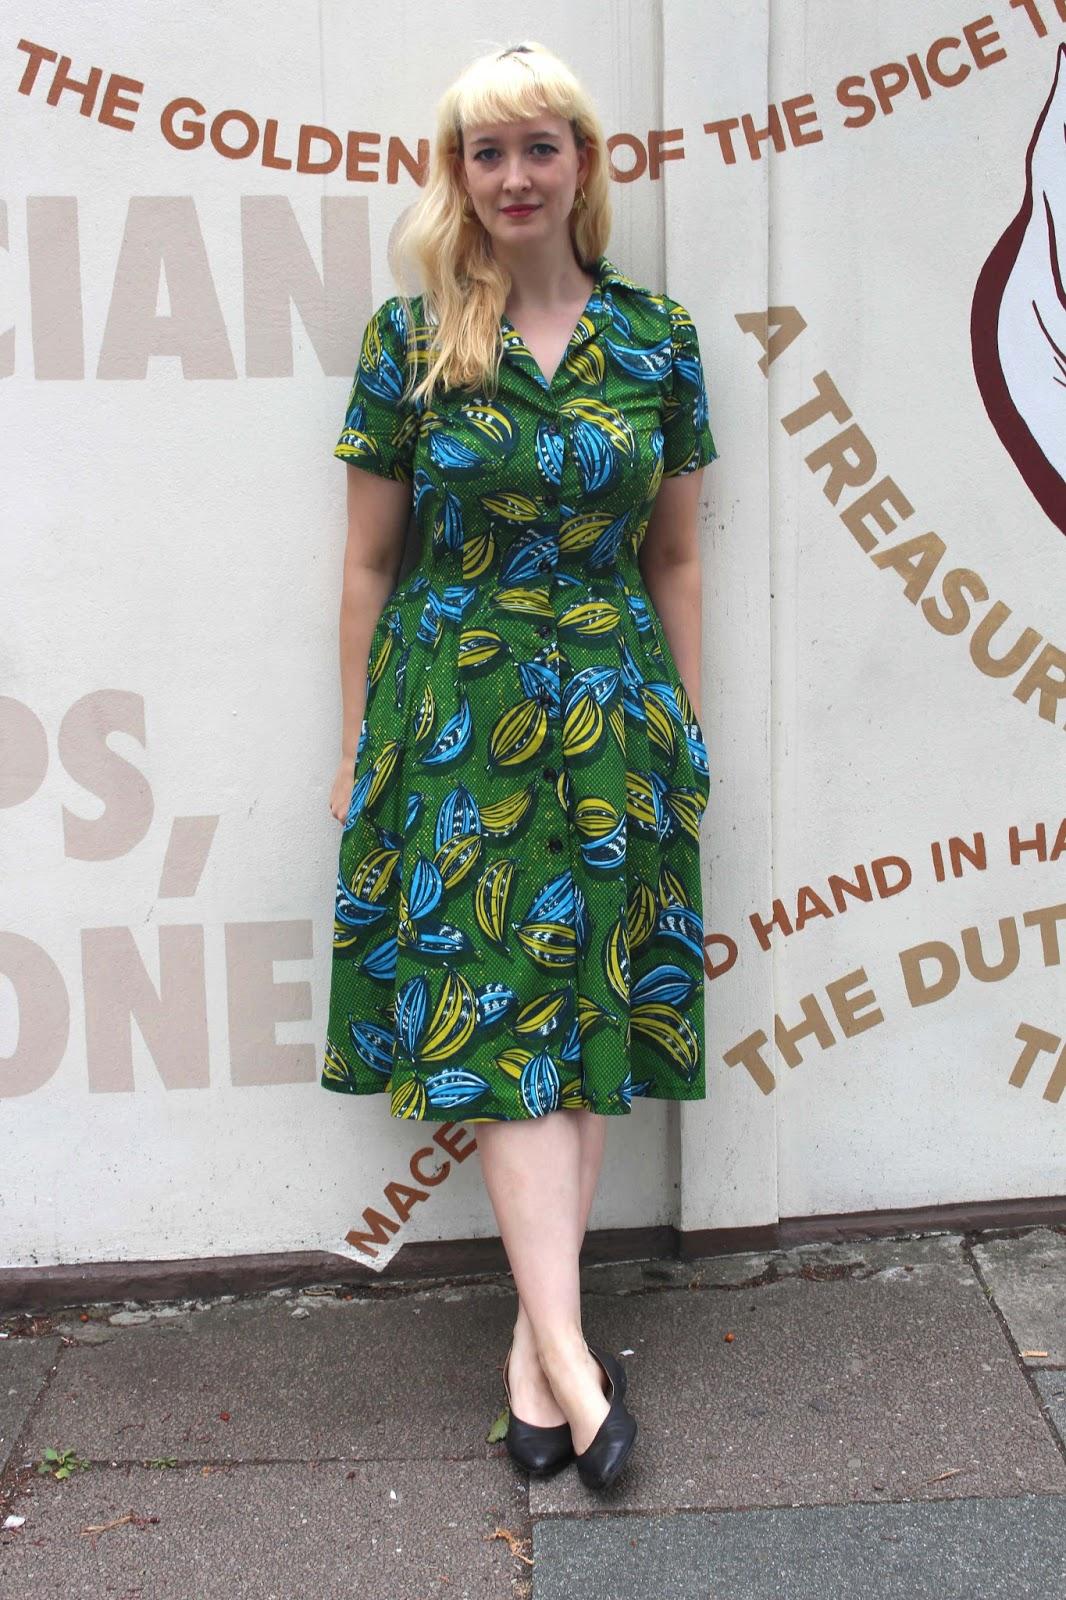 Top NorseOtter: Gertie Shirtwaist Dress LT89